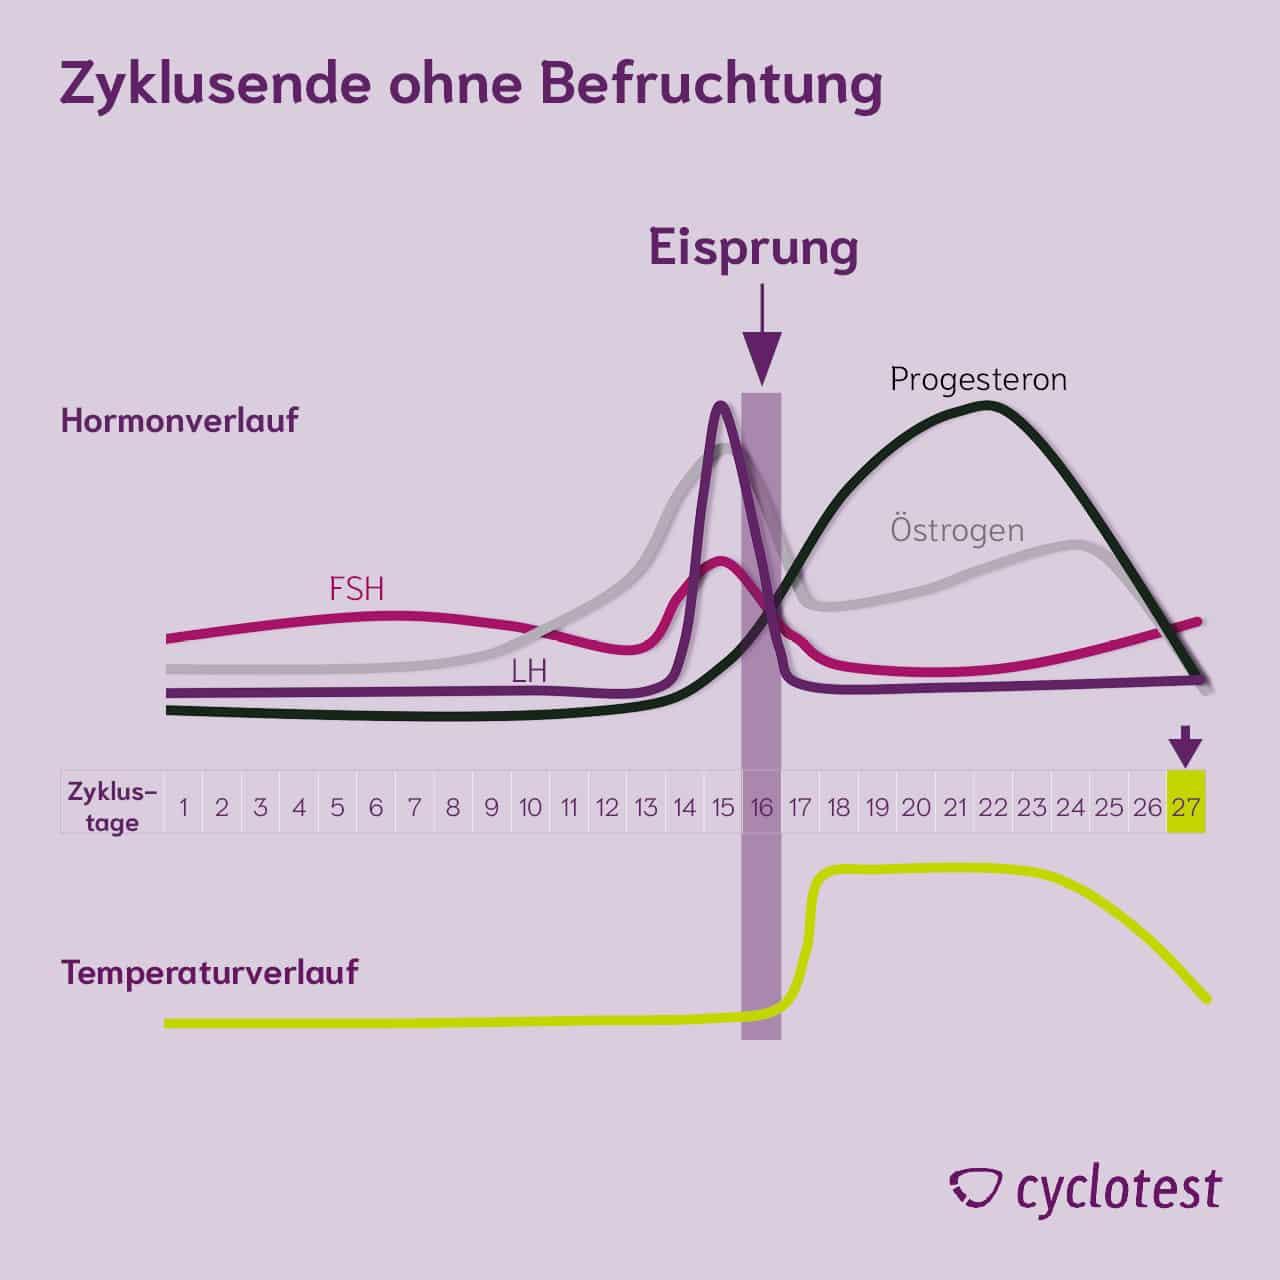 Darstellung des Verlaufs der Hormone FSH, LH, Progesteron und Östrogen sowie der Temperatur am Ende des Zyklus, wenn keine Befruchtung stattgefunden hat.